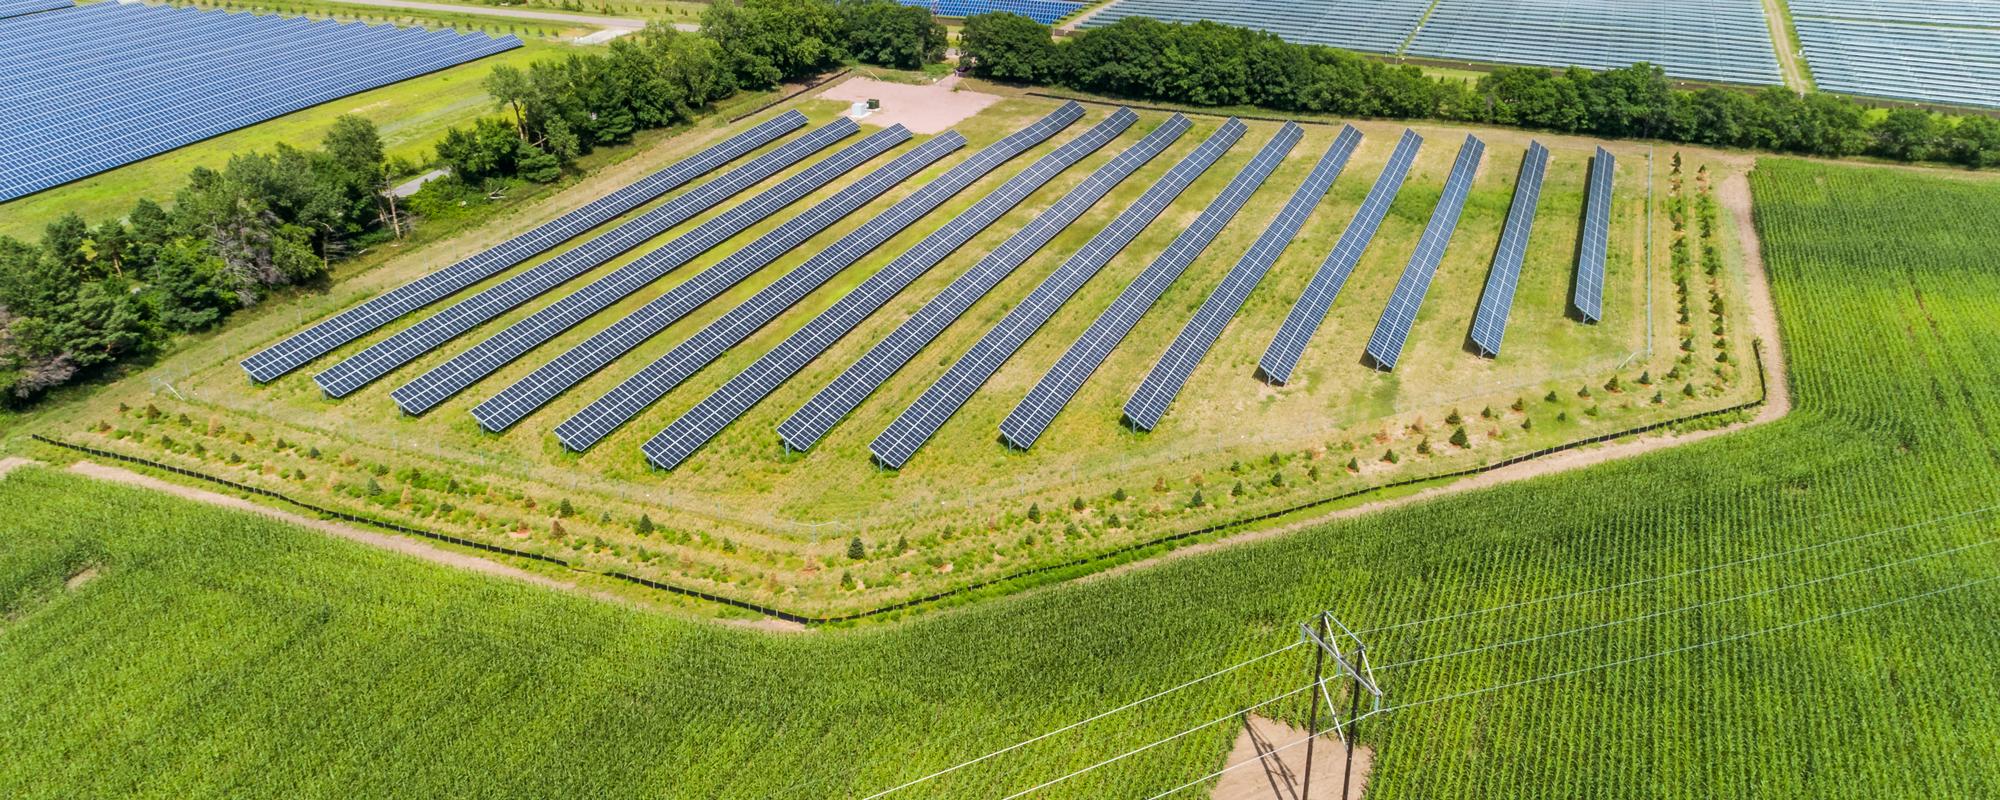 river road community solar